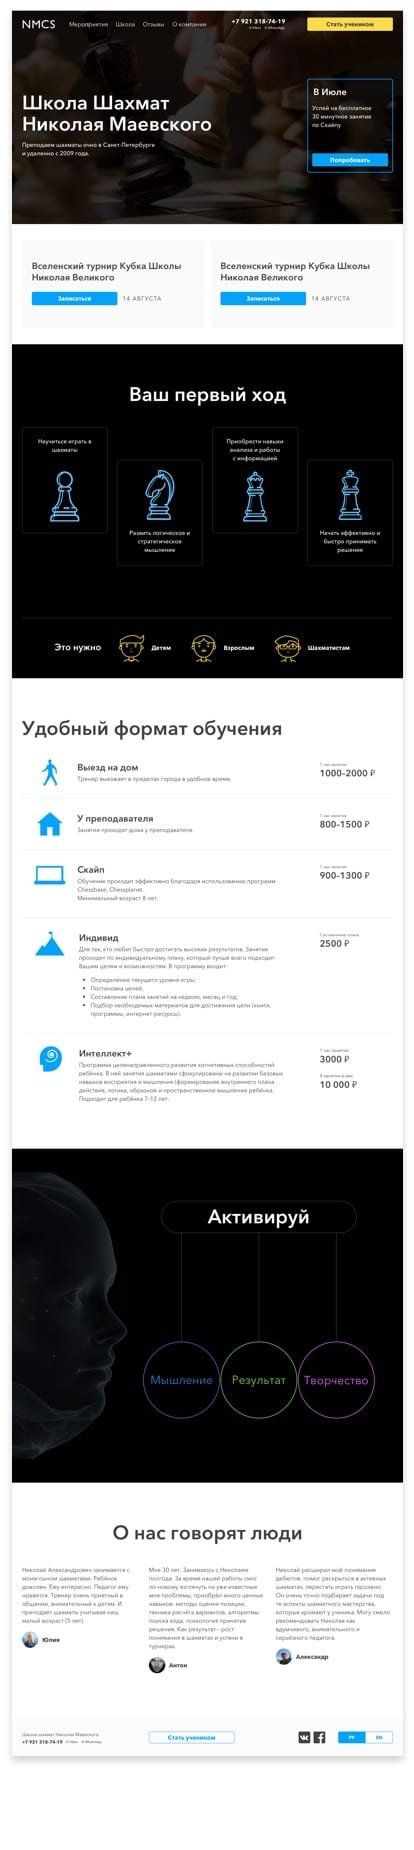 nmcs/i/screen-2